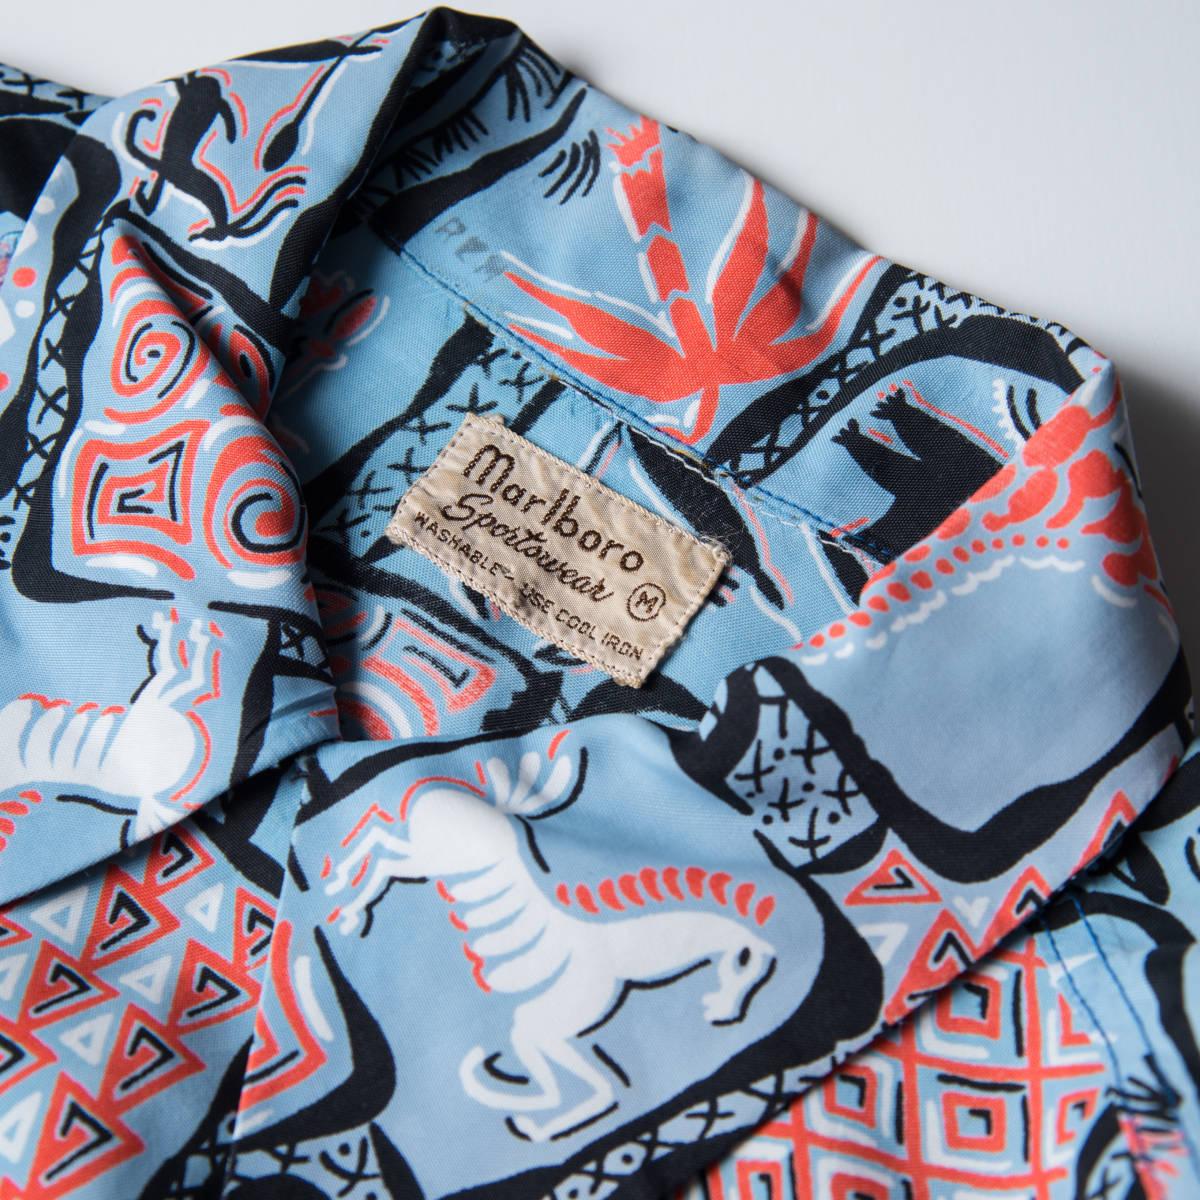 柄良し 50s Marlboro アニマル柄 レーヨン ハワイアン シャツ / ビンテージ アロハシャツ パネル 半袖 総柄 柄 シャツ ロカビリー 40s_画像7